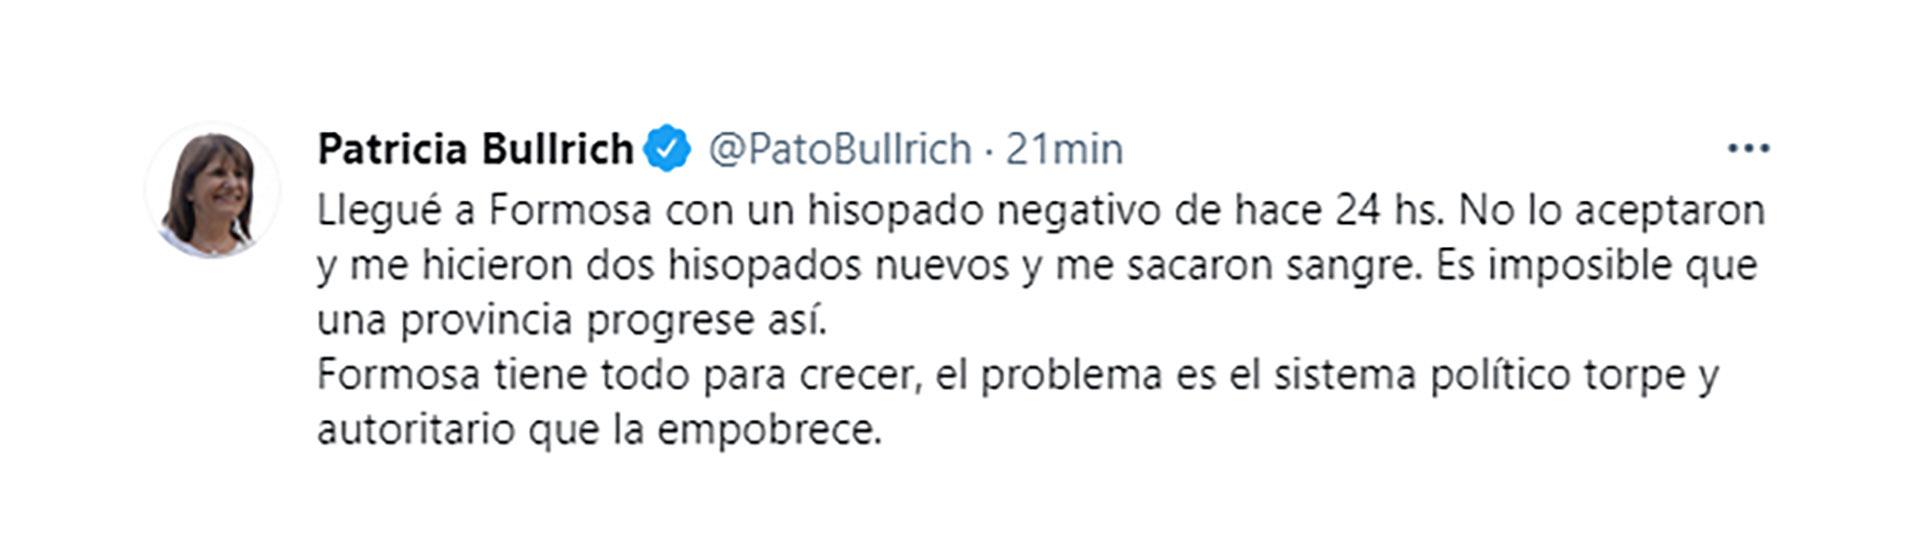 El tuit de Bullrich tras llegar a Formosa